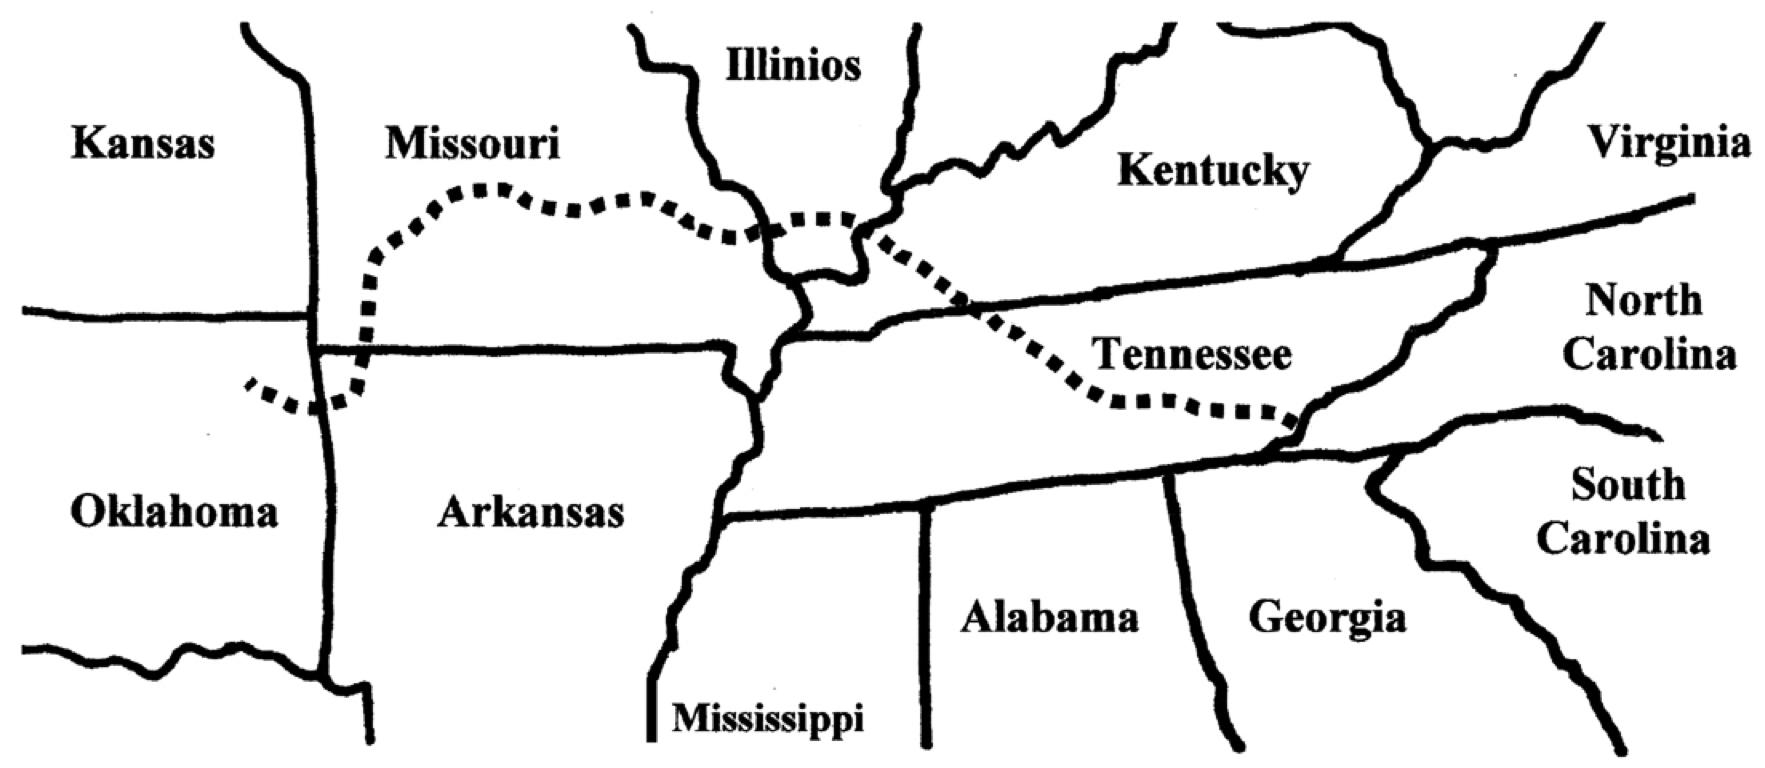 Trail Of Tears Oklahoma Map.Trail Of Tears By Ryann Liljenstolpe